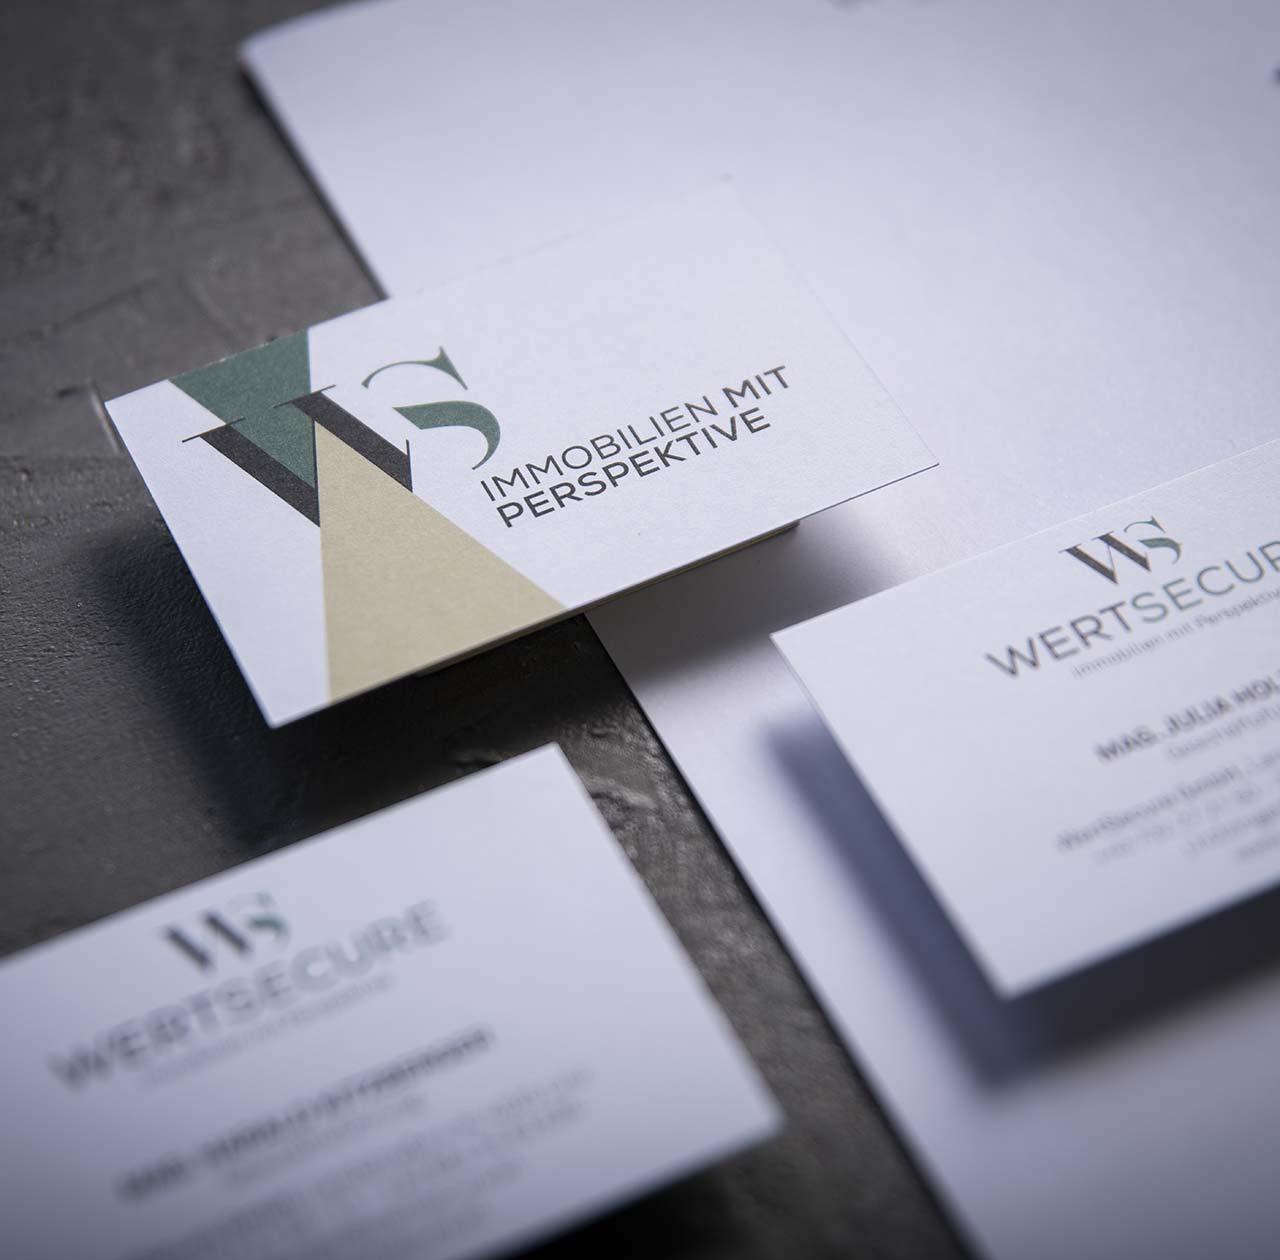 Upart Referenze für Wertsecure - Visitenkarte